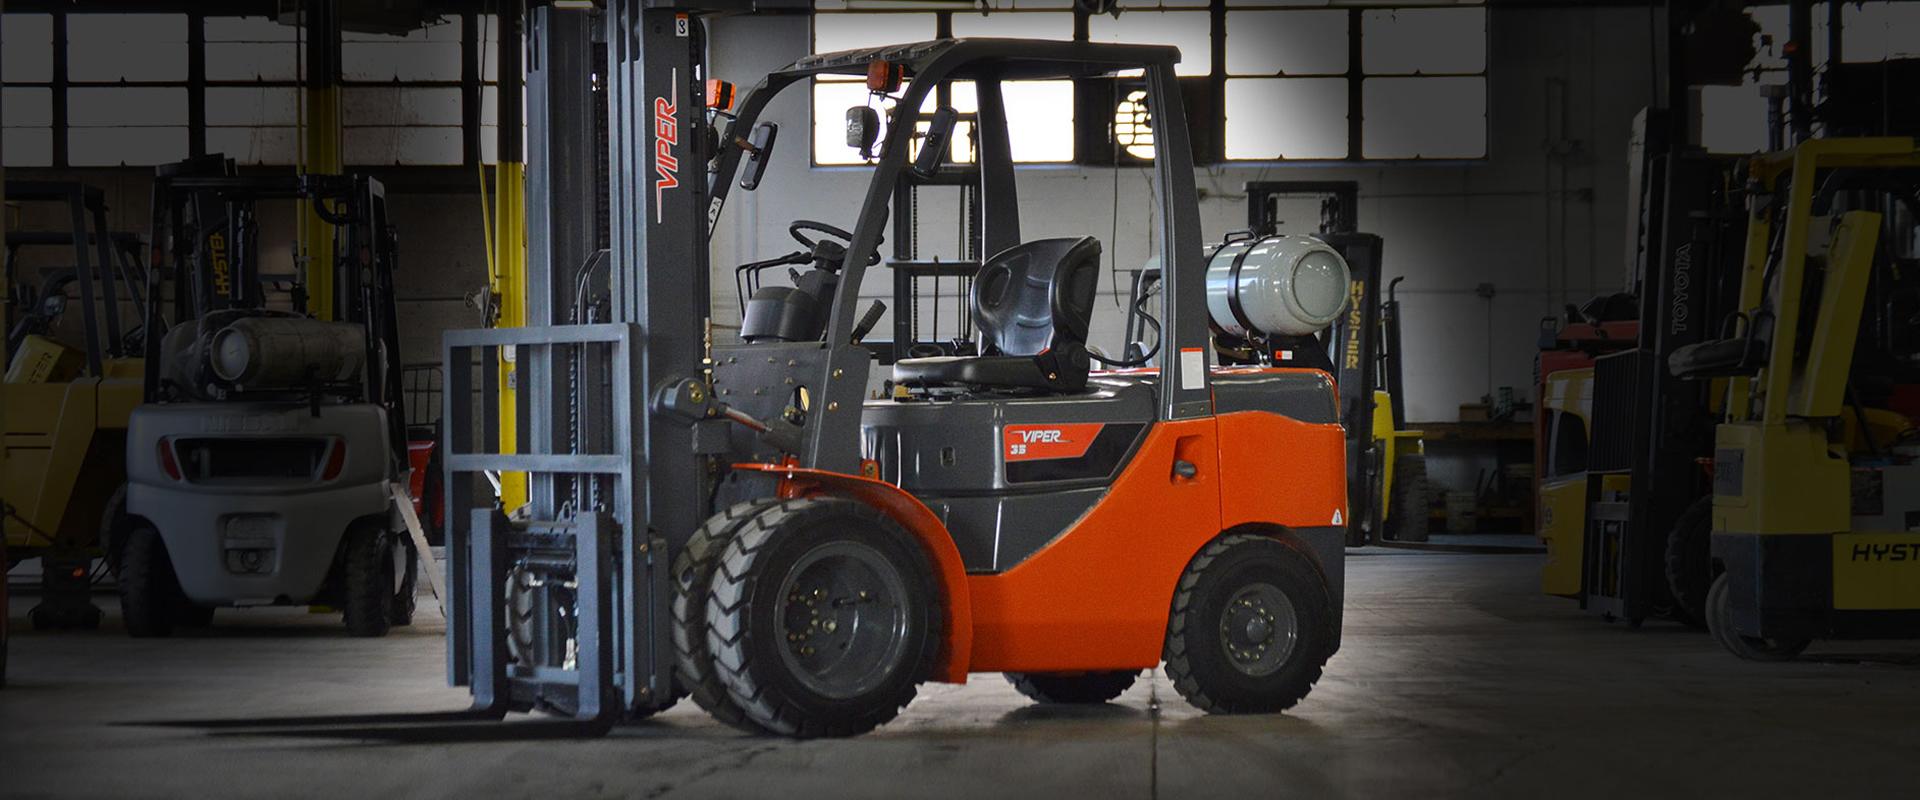 Barlas Forklift Video